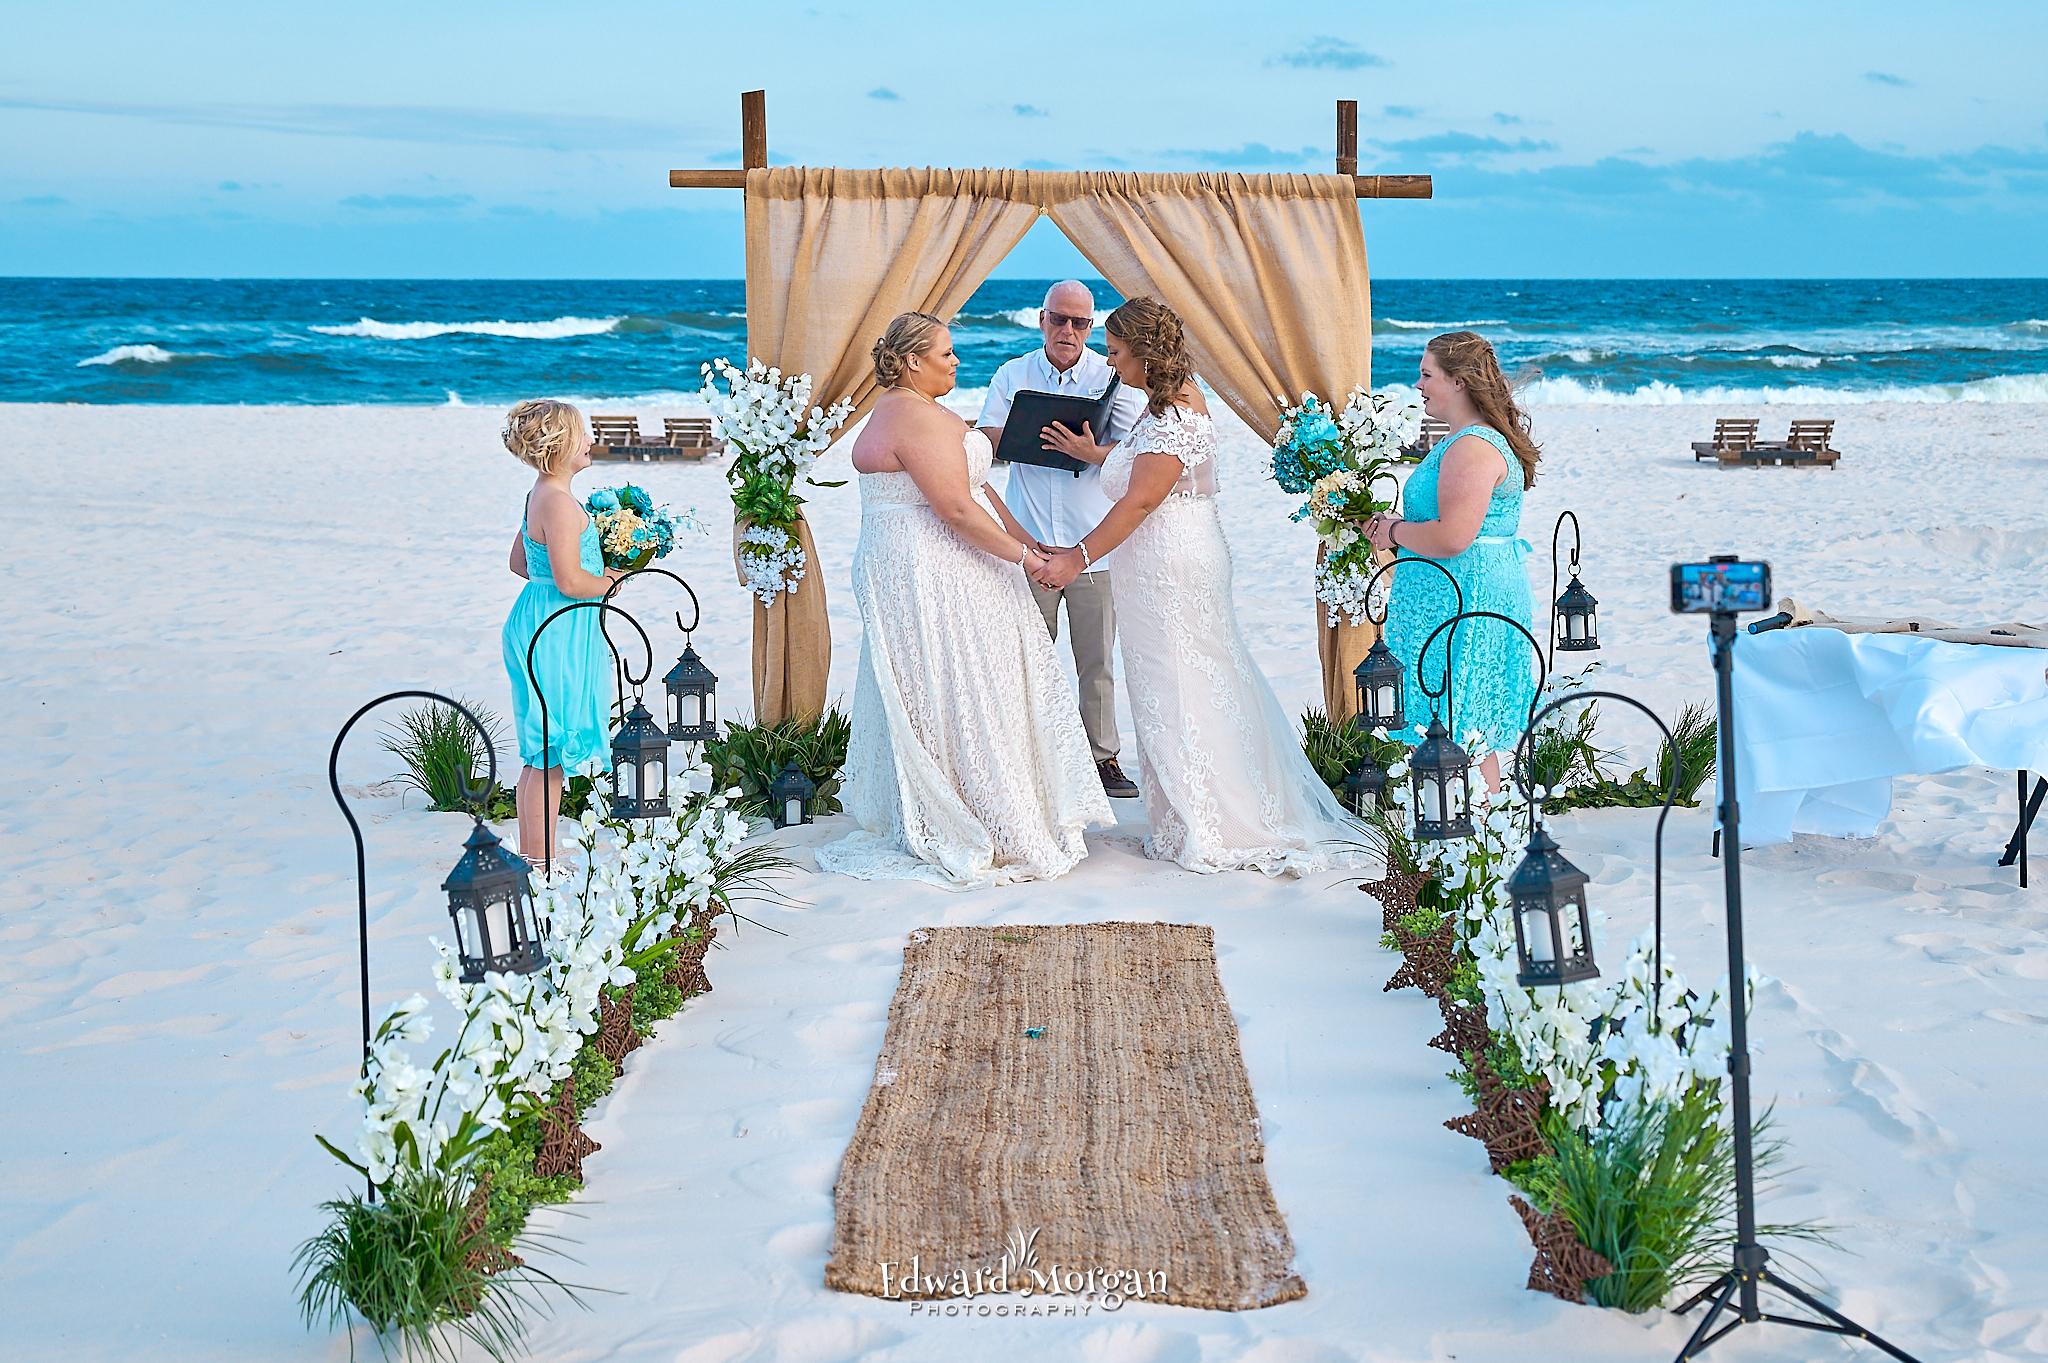 Country wedding setup